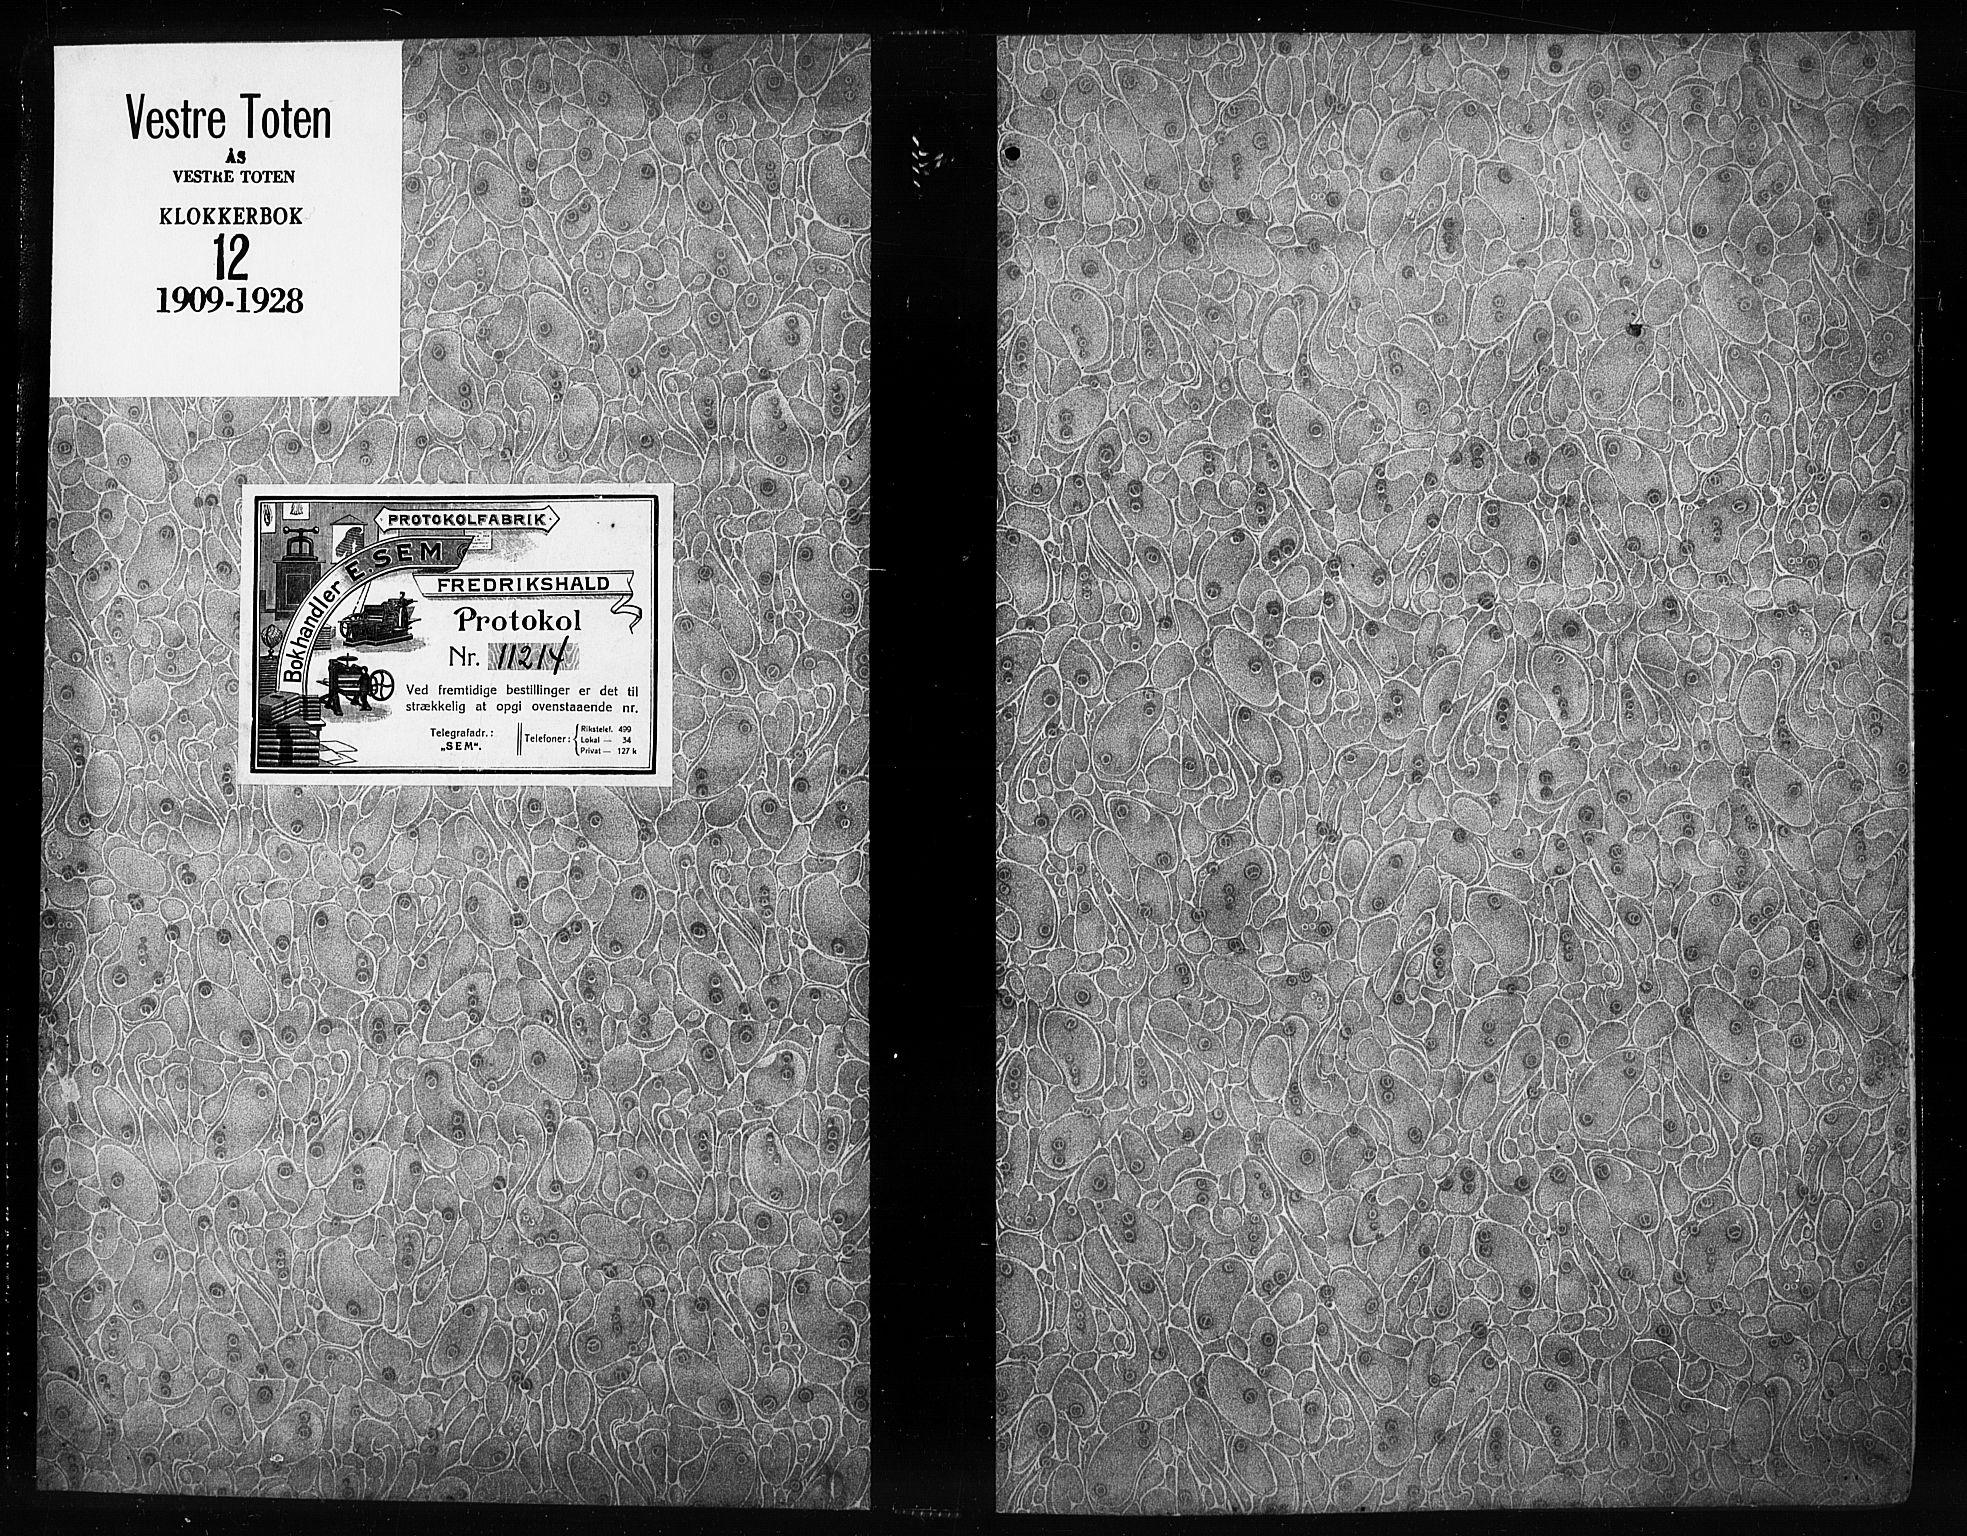 SAH, Vestre Toten prestekontor, Klokkerbok nr. 12, 1909-1928